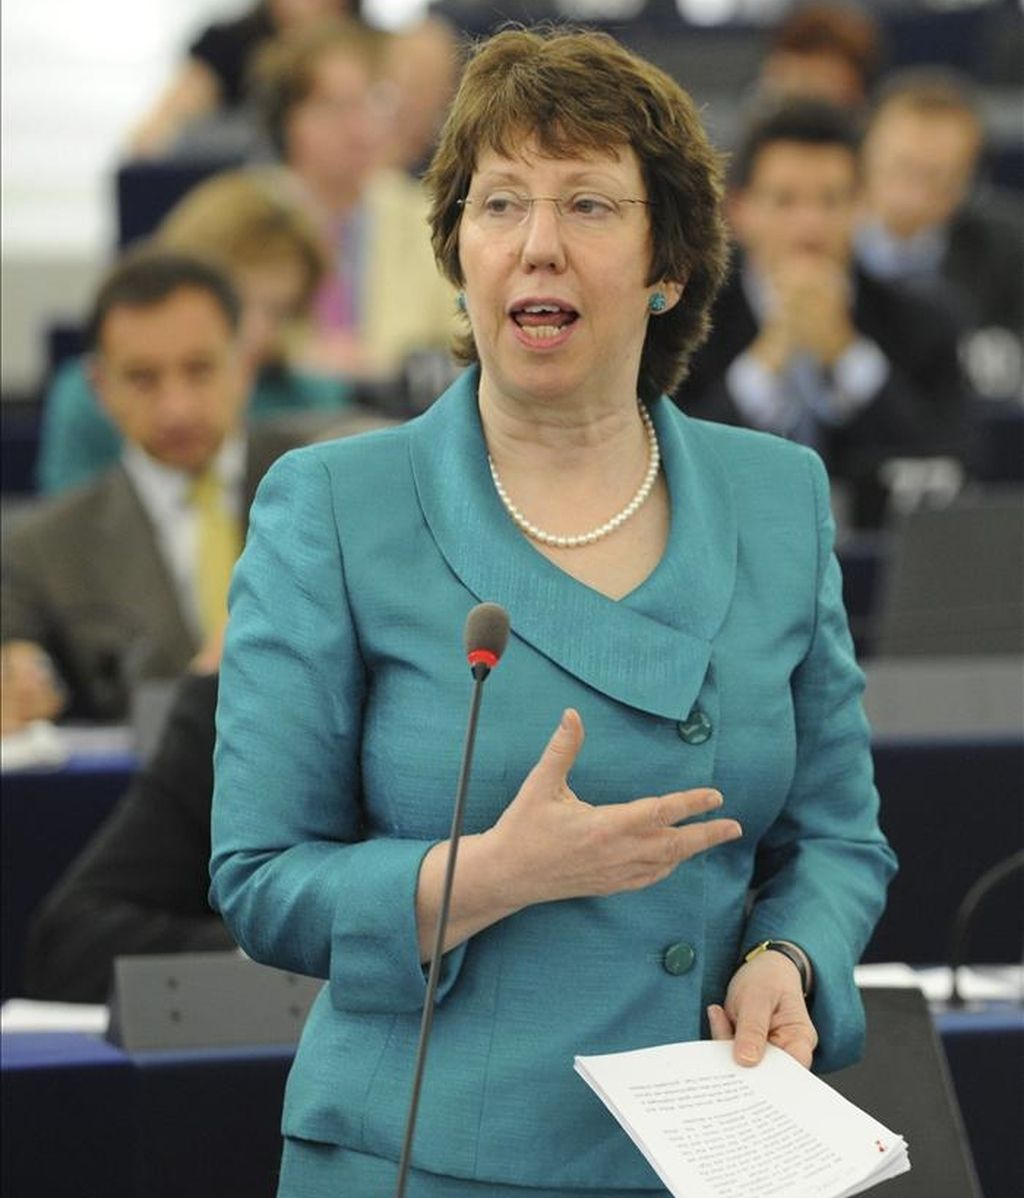 La alta representante europea para la política Exterior y de Seguridad de la UE, Catherine Ashton, participa en la sesión plenaria del Parlamento Europeo celebrada hoy, miércoles 11 de mayo de 2011 en Estrasburgo (Francia). EFE